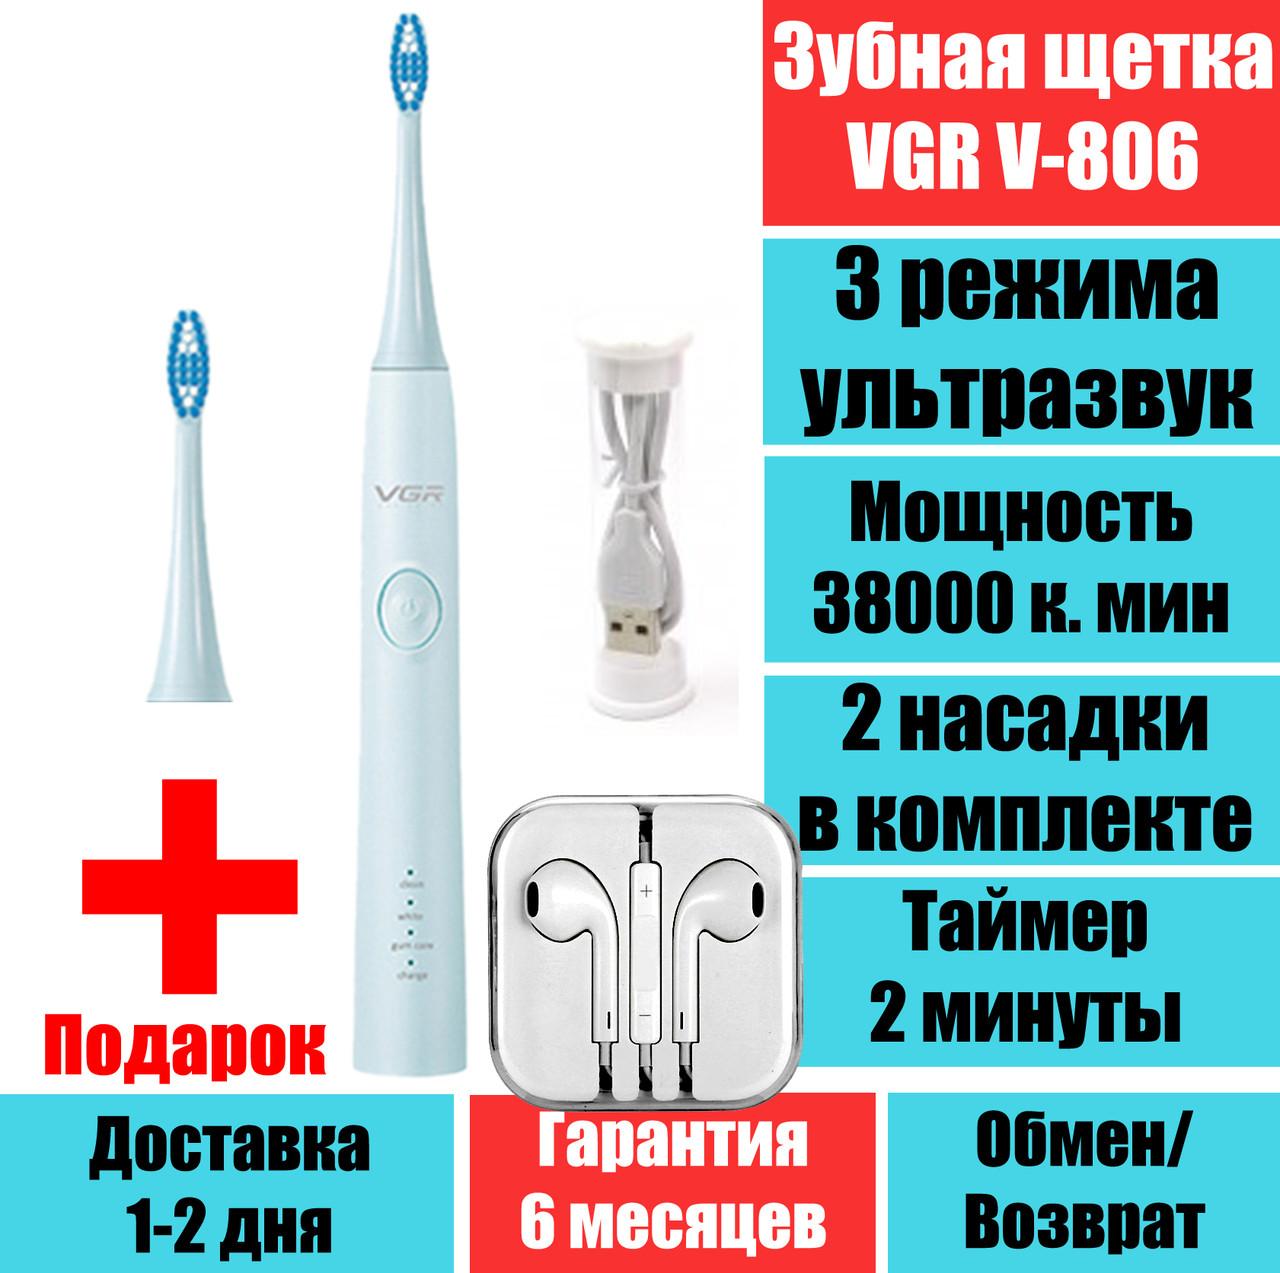 Электрическая зубная щетка аккумуляторная VGR V-806 USB ультразвуковая подарочный набор, 2 насадки в комплекте